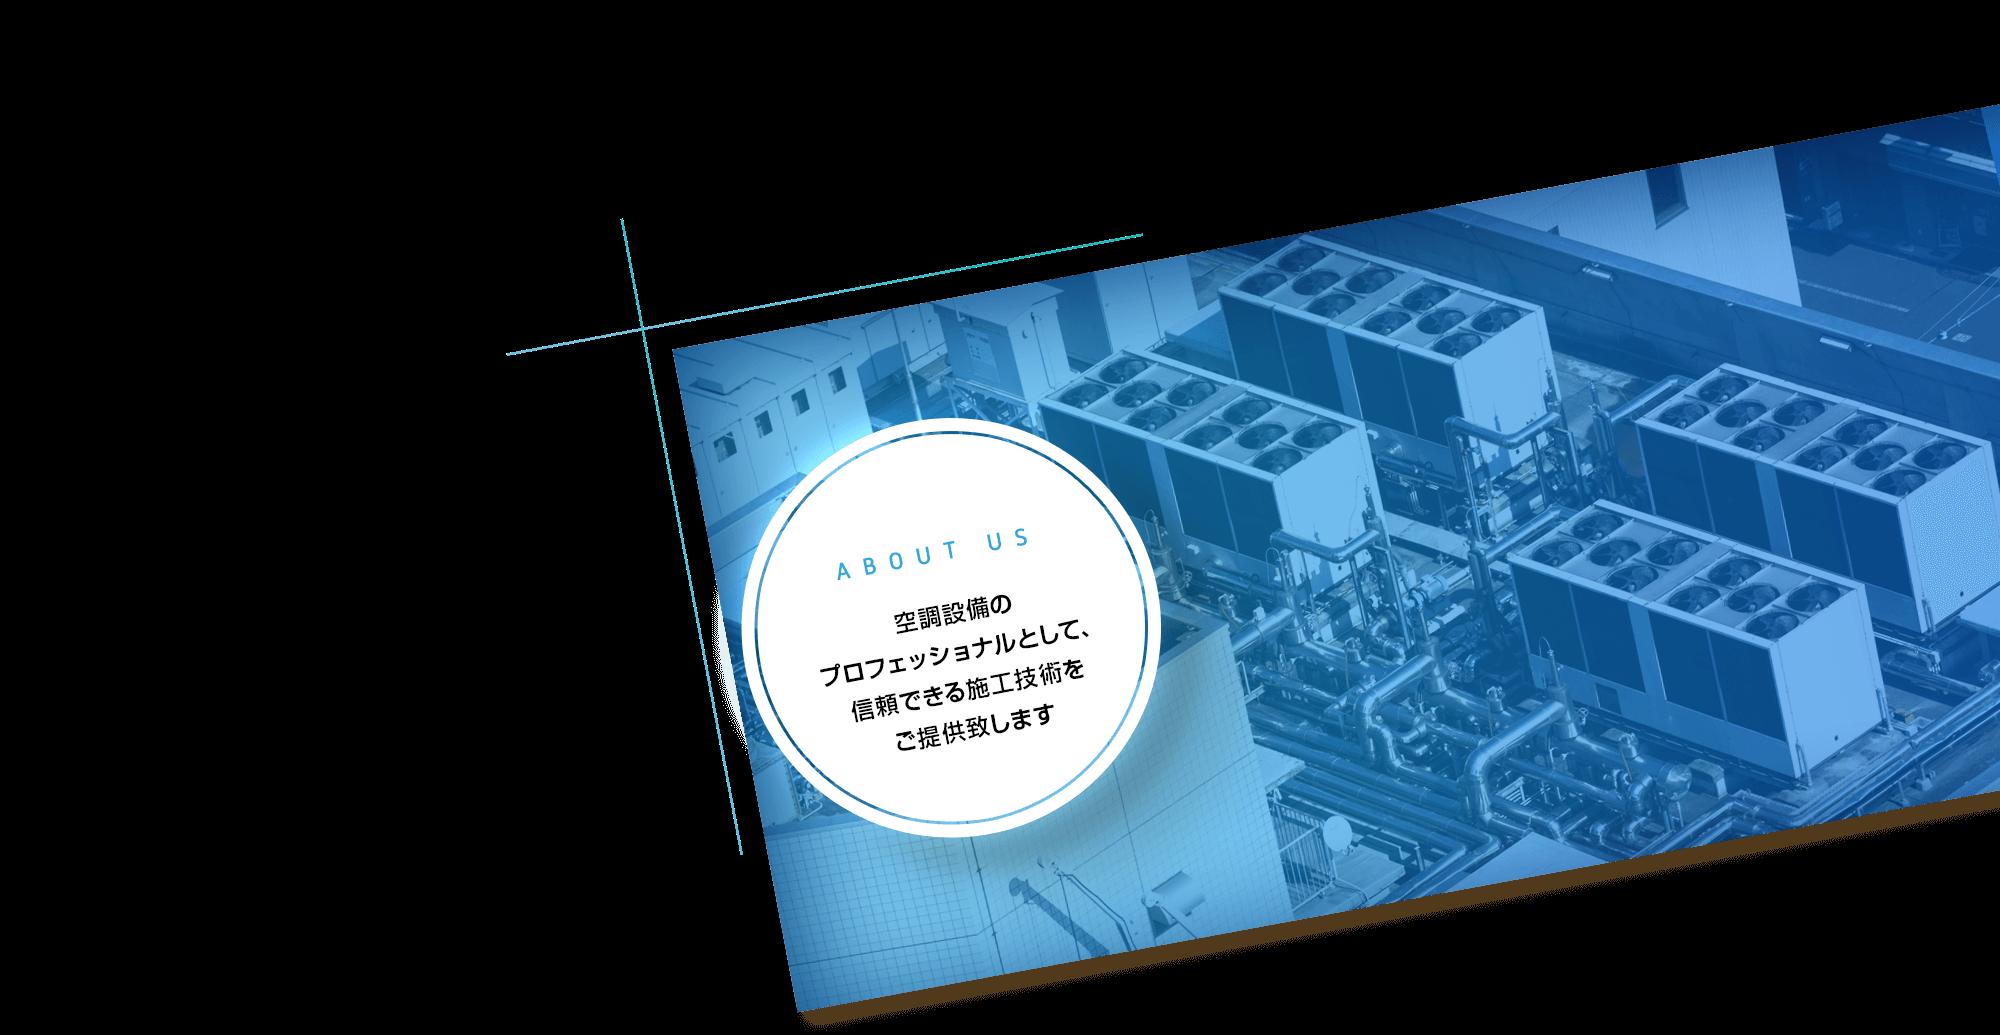 空調設備の プロフェッショナルとして、 信頼できる施工技術を ご提供致します